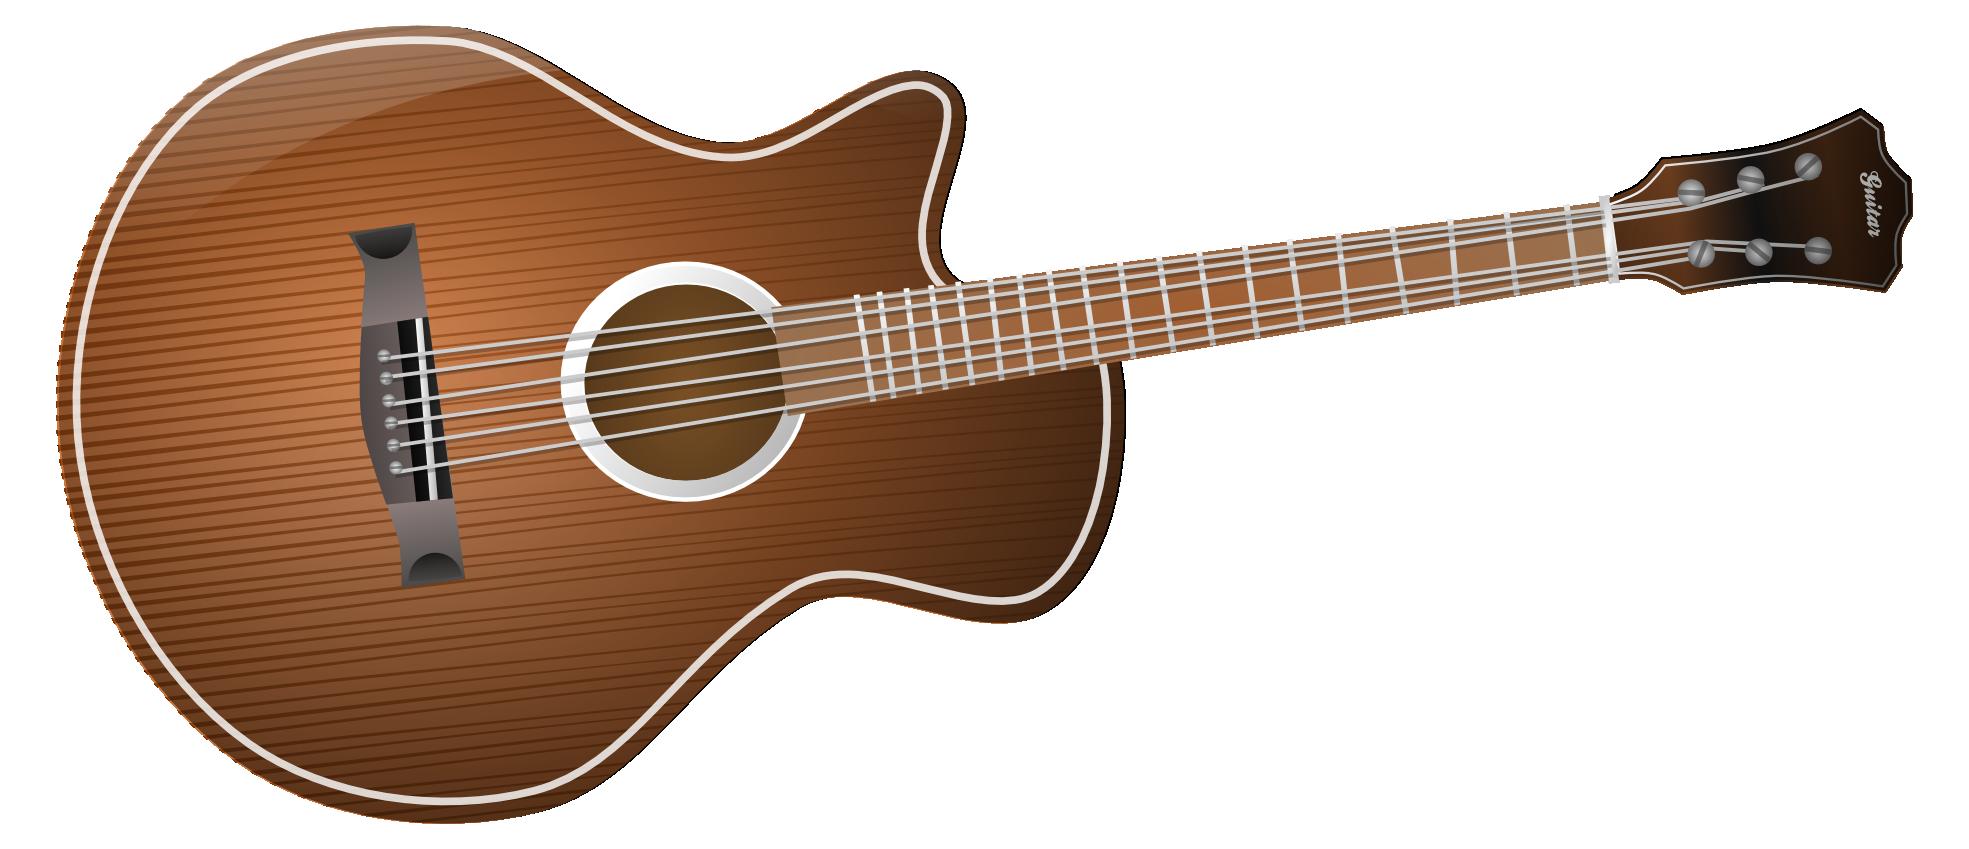 Guitar clipart Clip art art Guitar Guitar